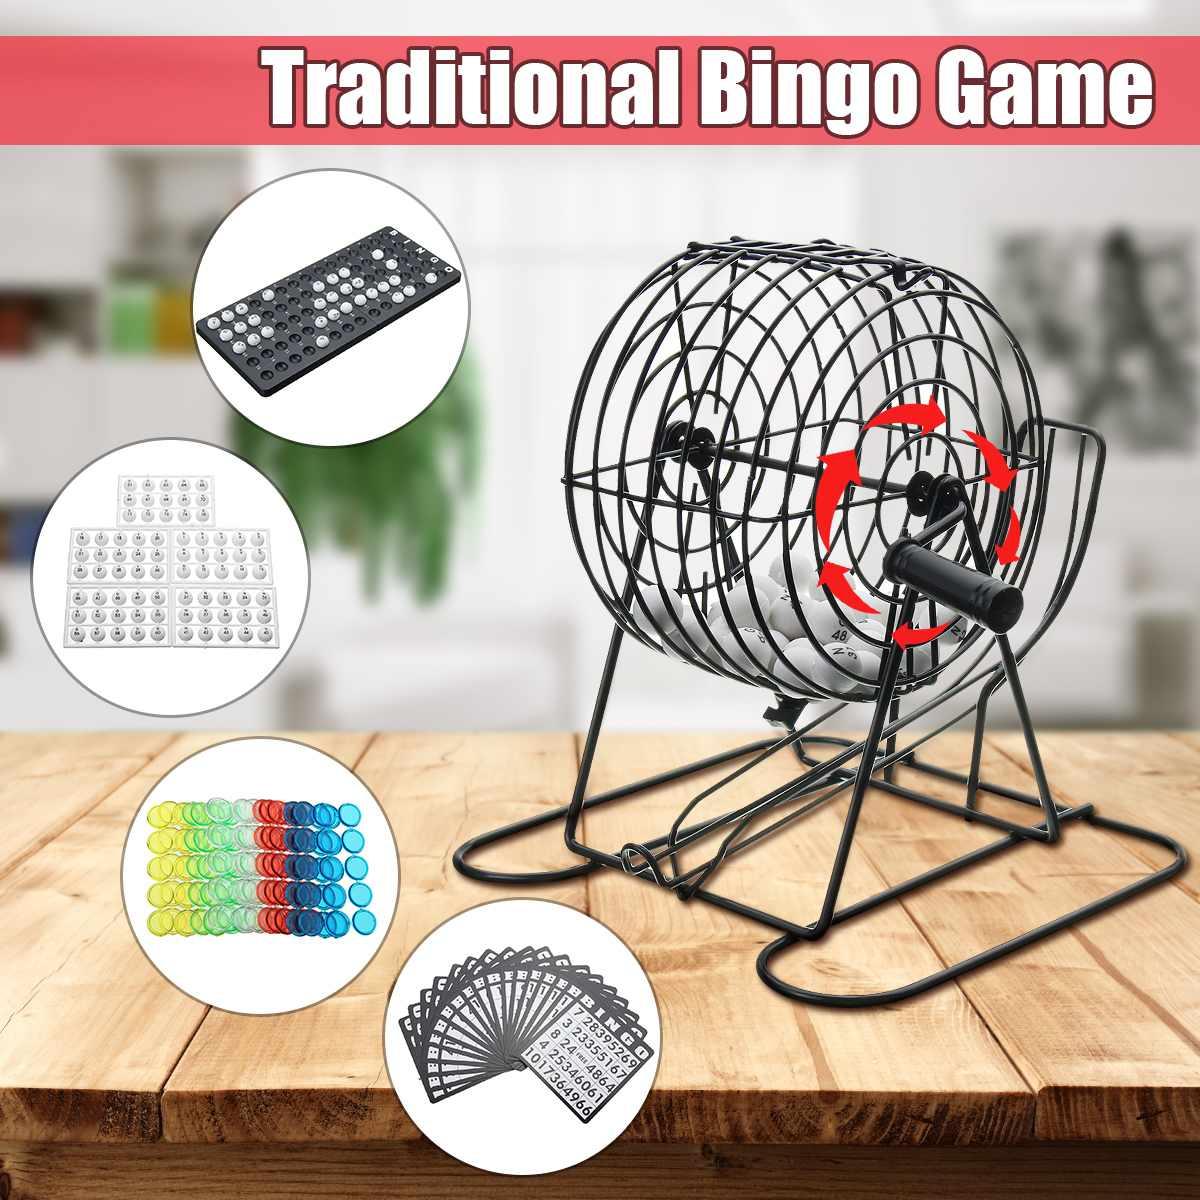 Us $12.24 18% Off|Spor Ve Eğlence'ten Bingo'de 01 75 Topları Piyango  Makinesi Çekme Makinesi Parti Bingo Oyunu Şanslı Topları Oyunu Geleneksel  Bingo ... à Cec Piscine